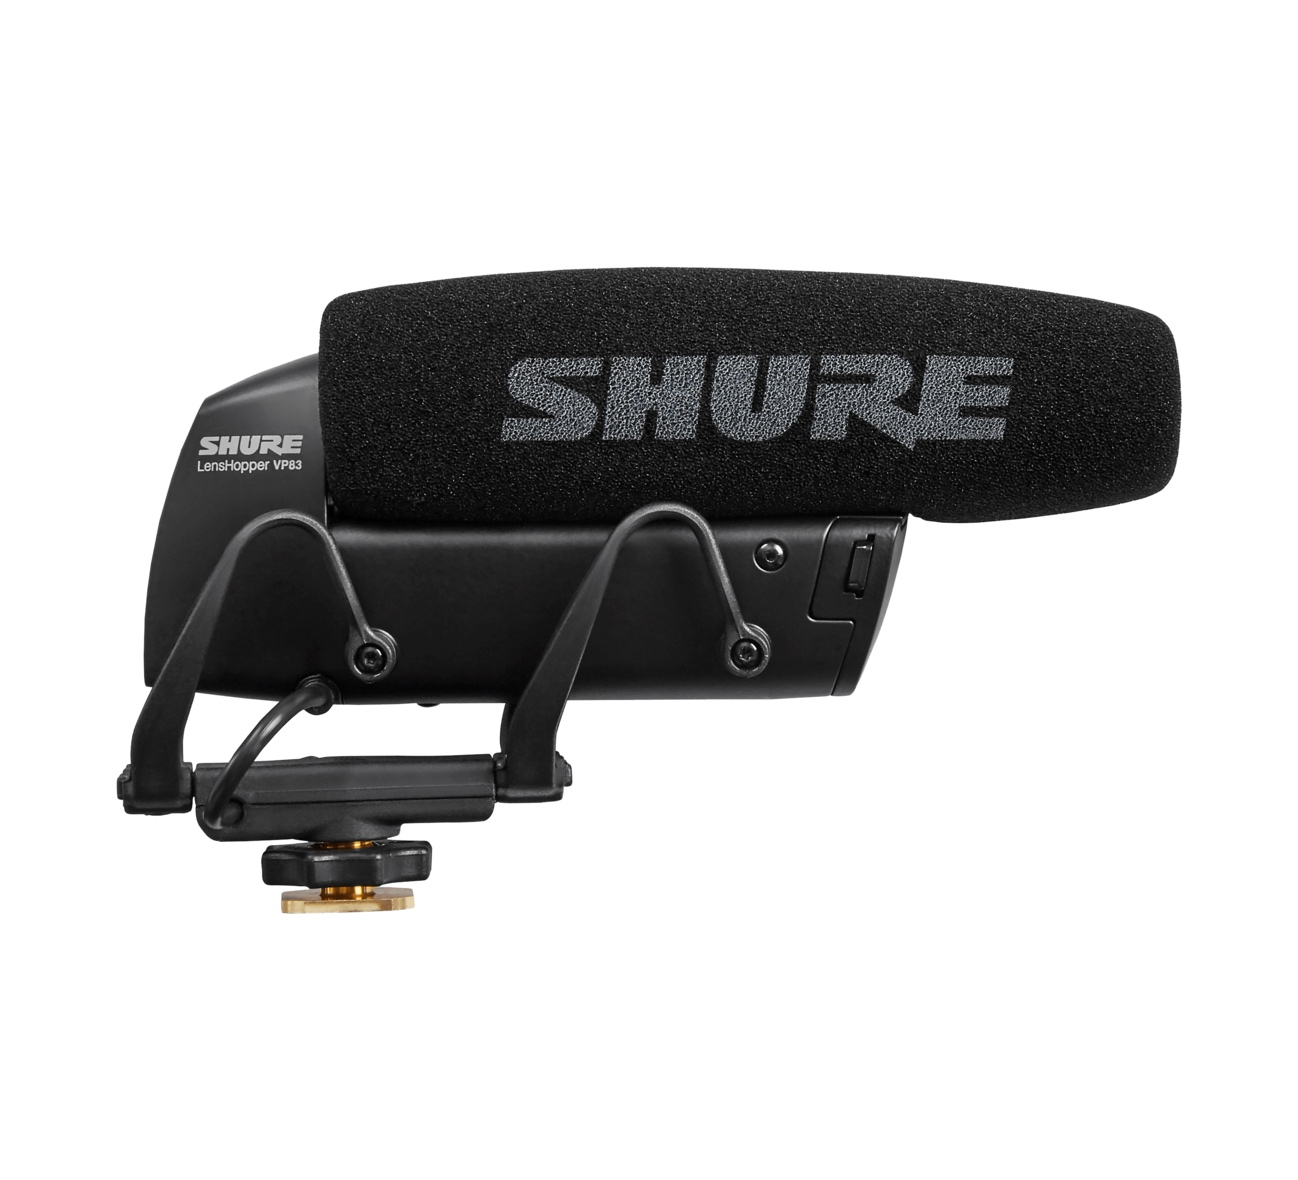 Microfone Shotgun para Cameras Shure VP83